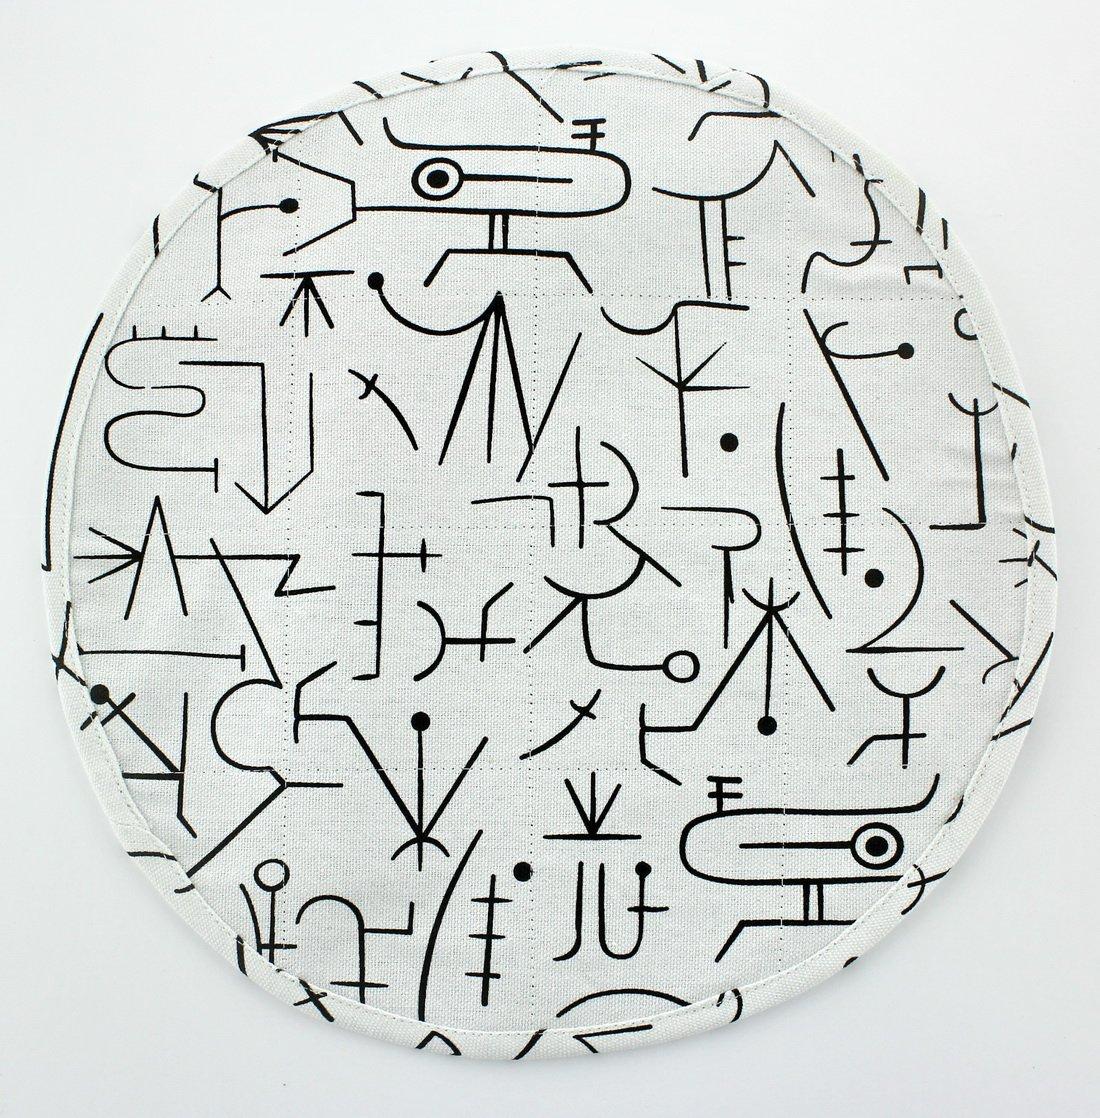 细菌结构示意图手绘图